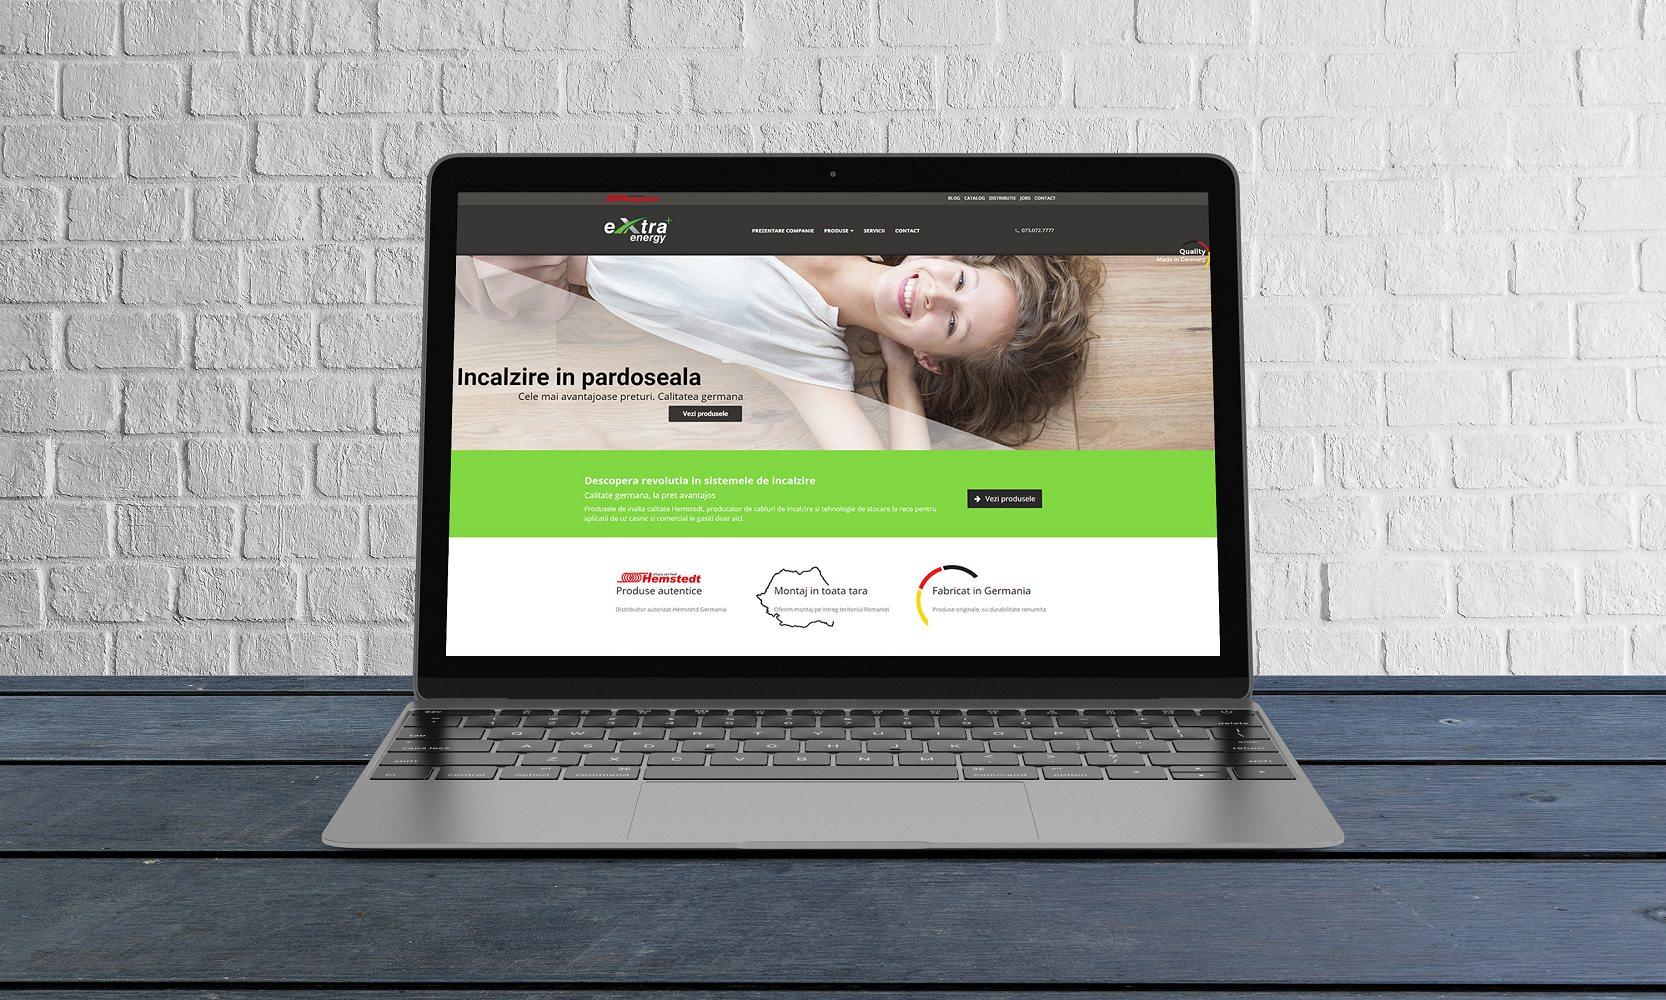 creare website premium de prezentare romania